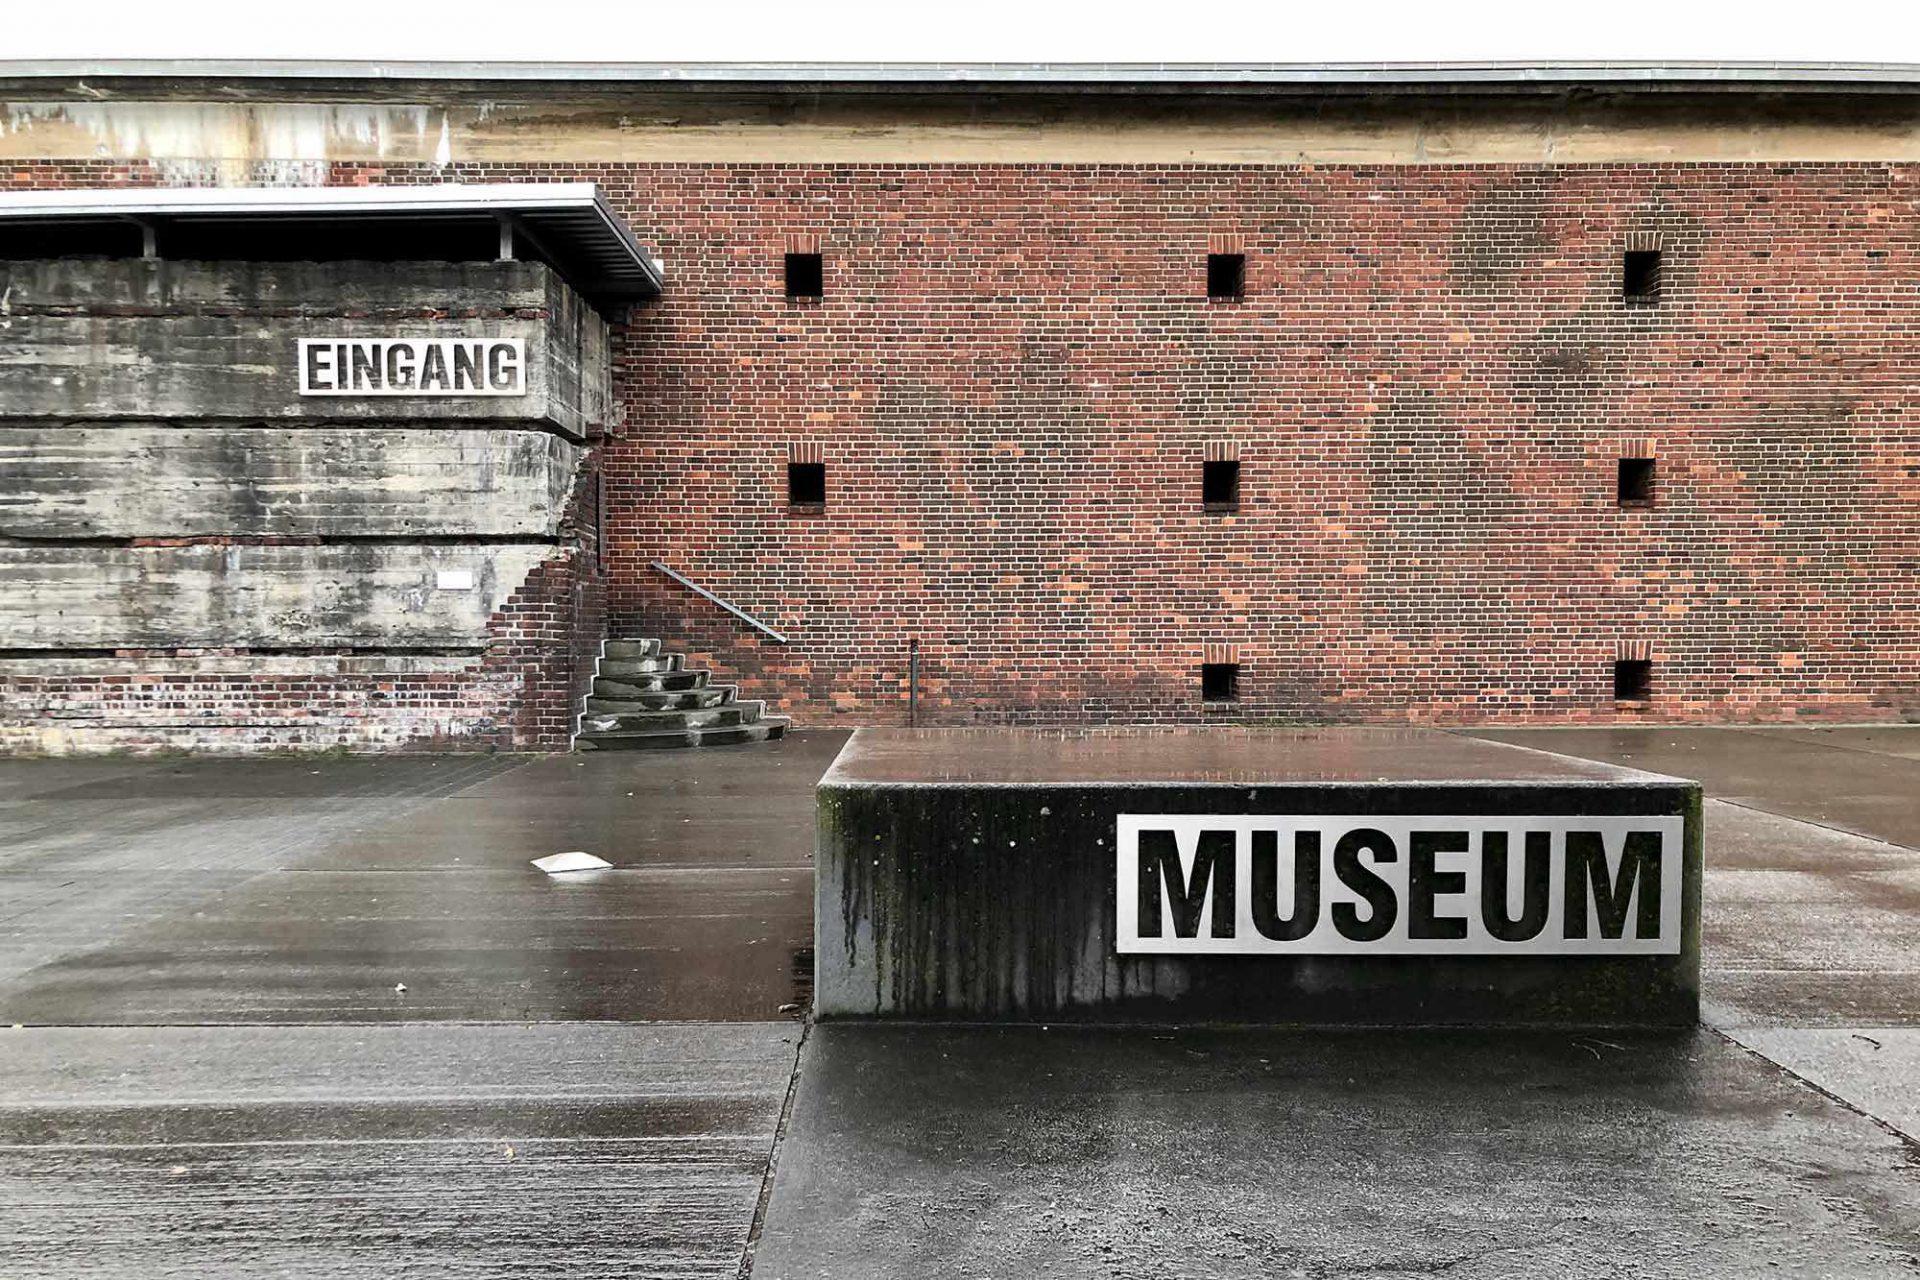 Historisch-Technisches Museum (HTM) Peenemünde. Die historische Stätte erlangte ihre Berühmtheit wegen ihrer Funktion während des Zweiten Weltkriegs als Kraftwerk, das die Herstellung und den Start der V1 und V2 Raketen ermöglichte.